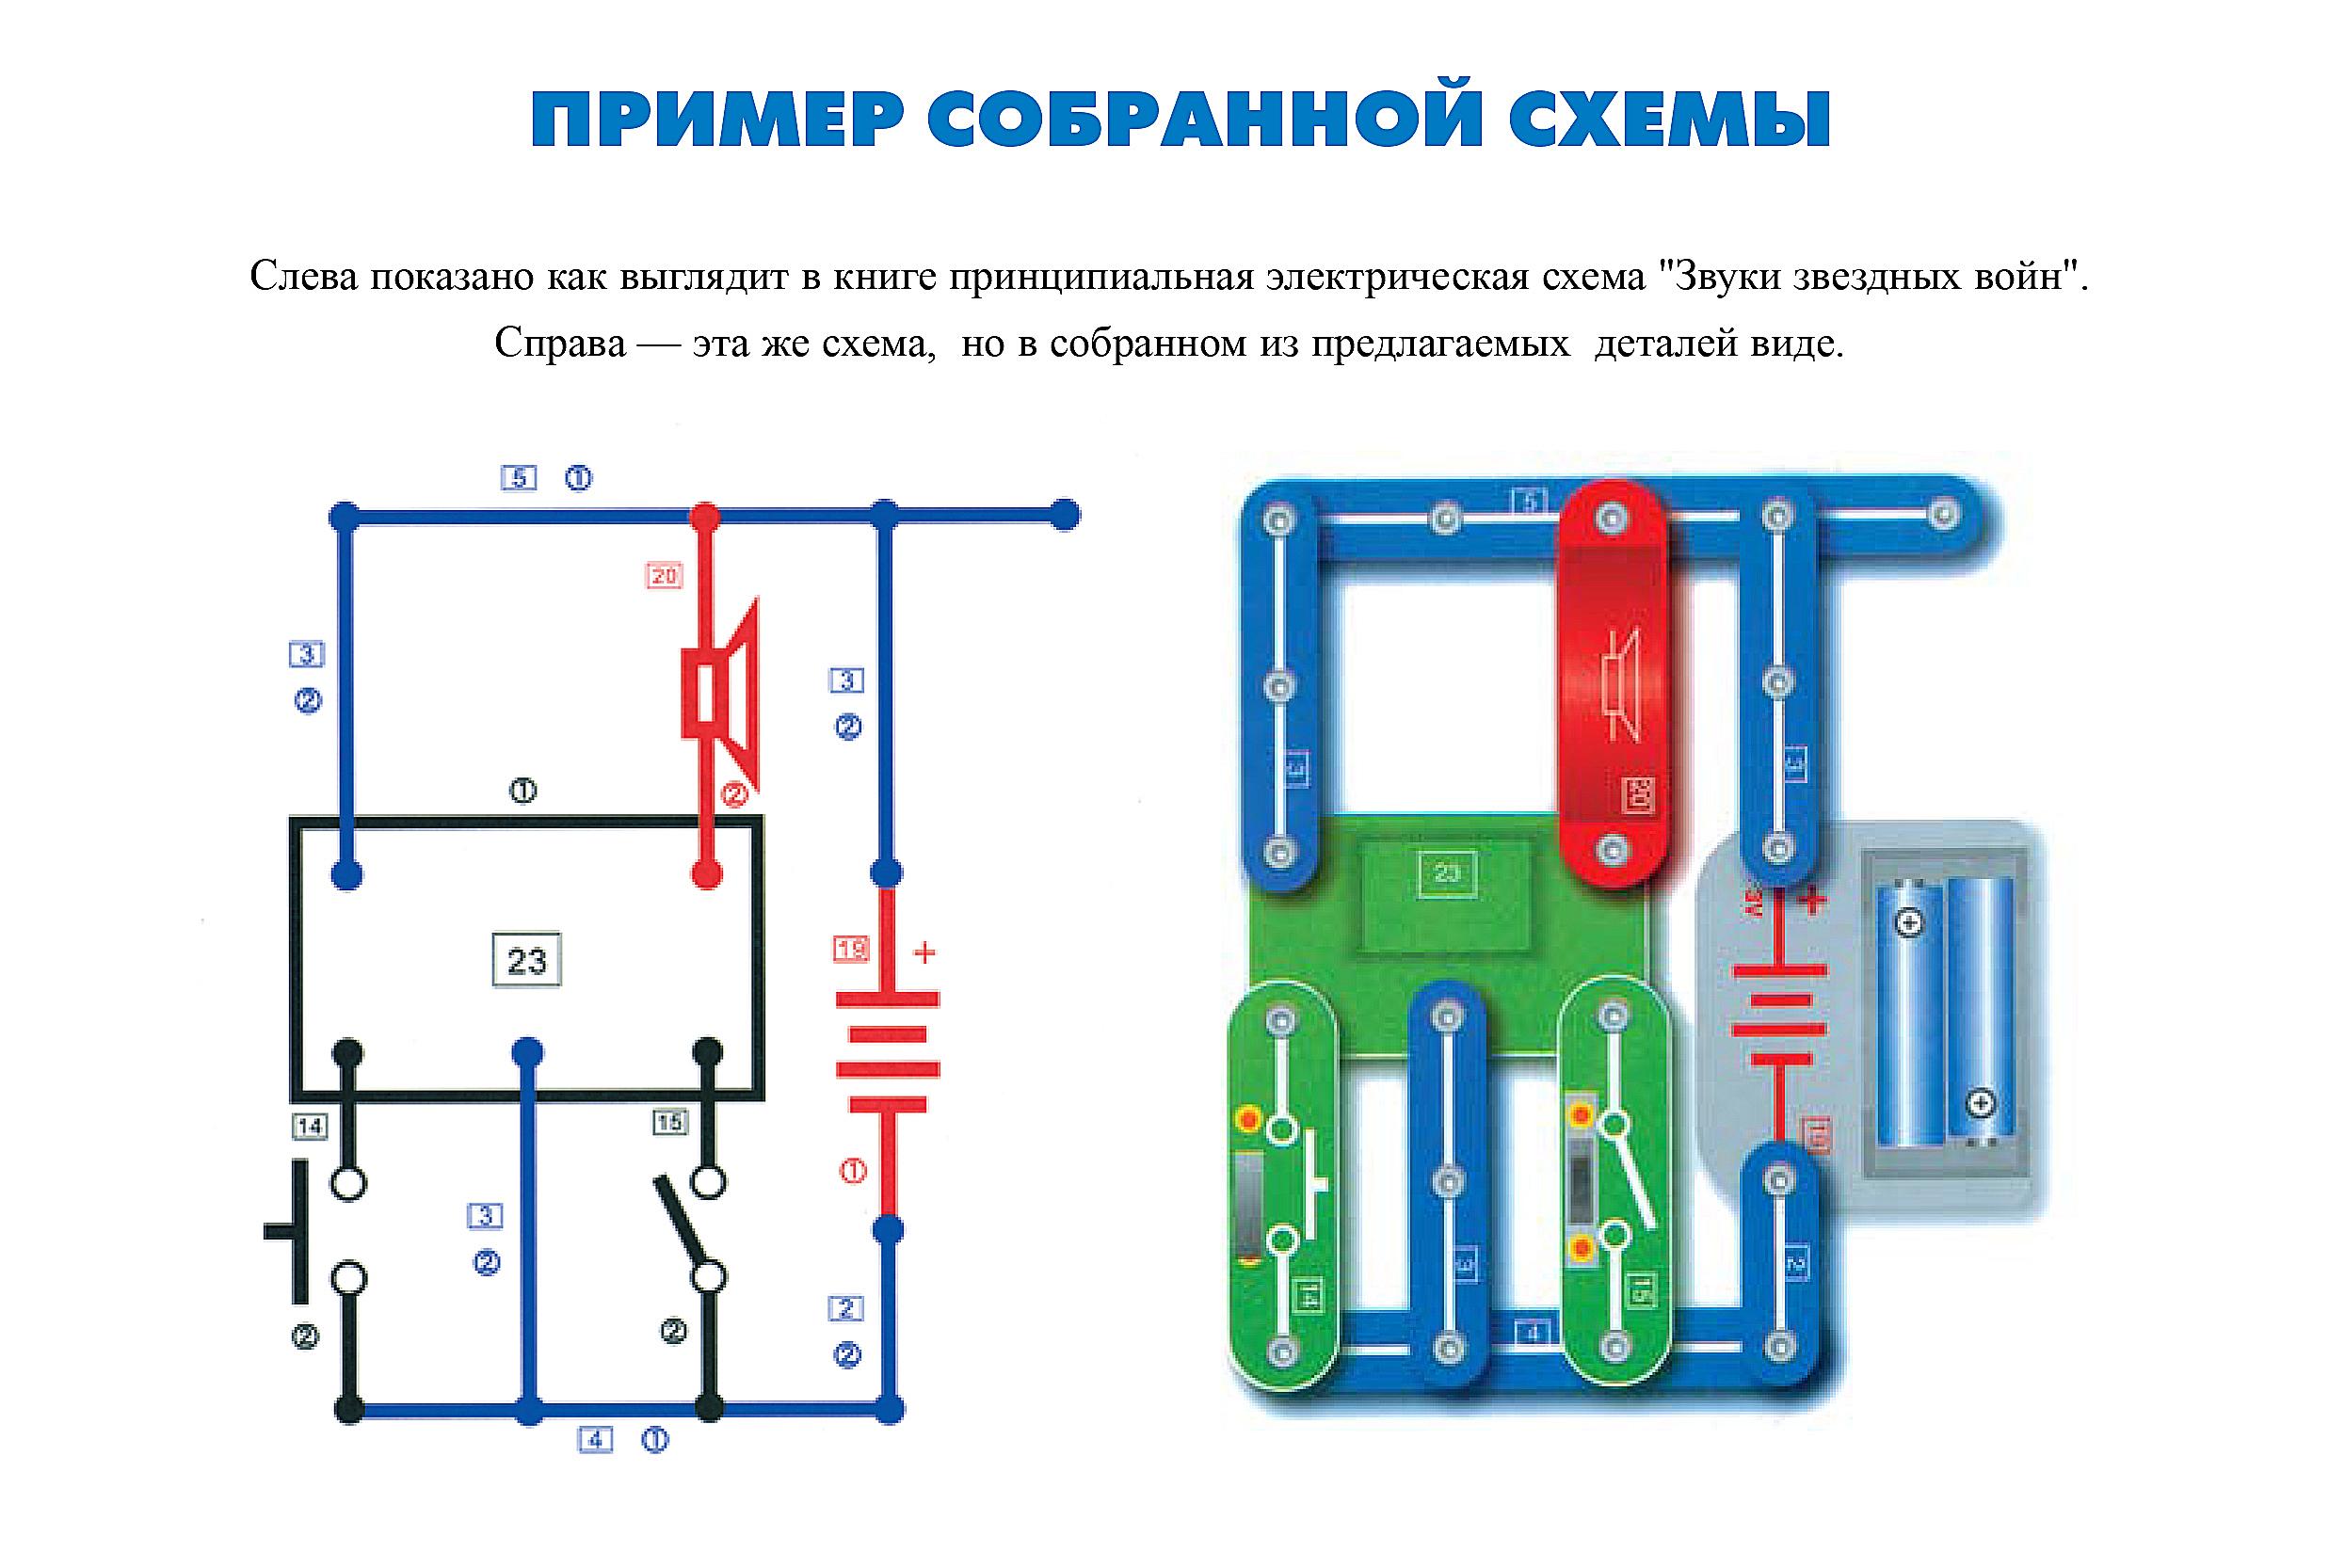 Электронный конструктор, знаток (180 схем) — магазин развивающих.